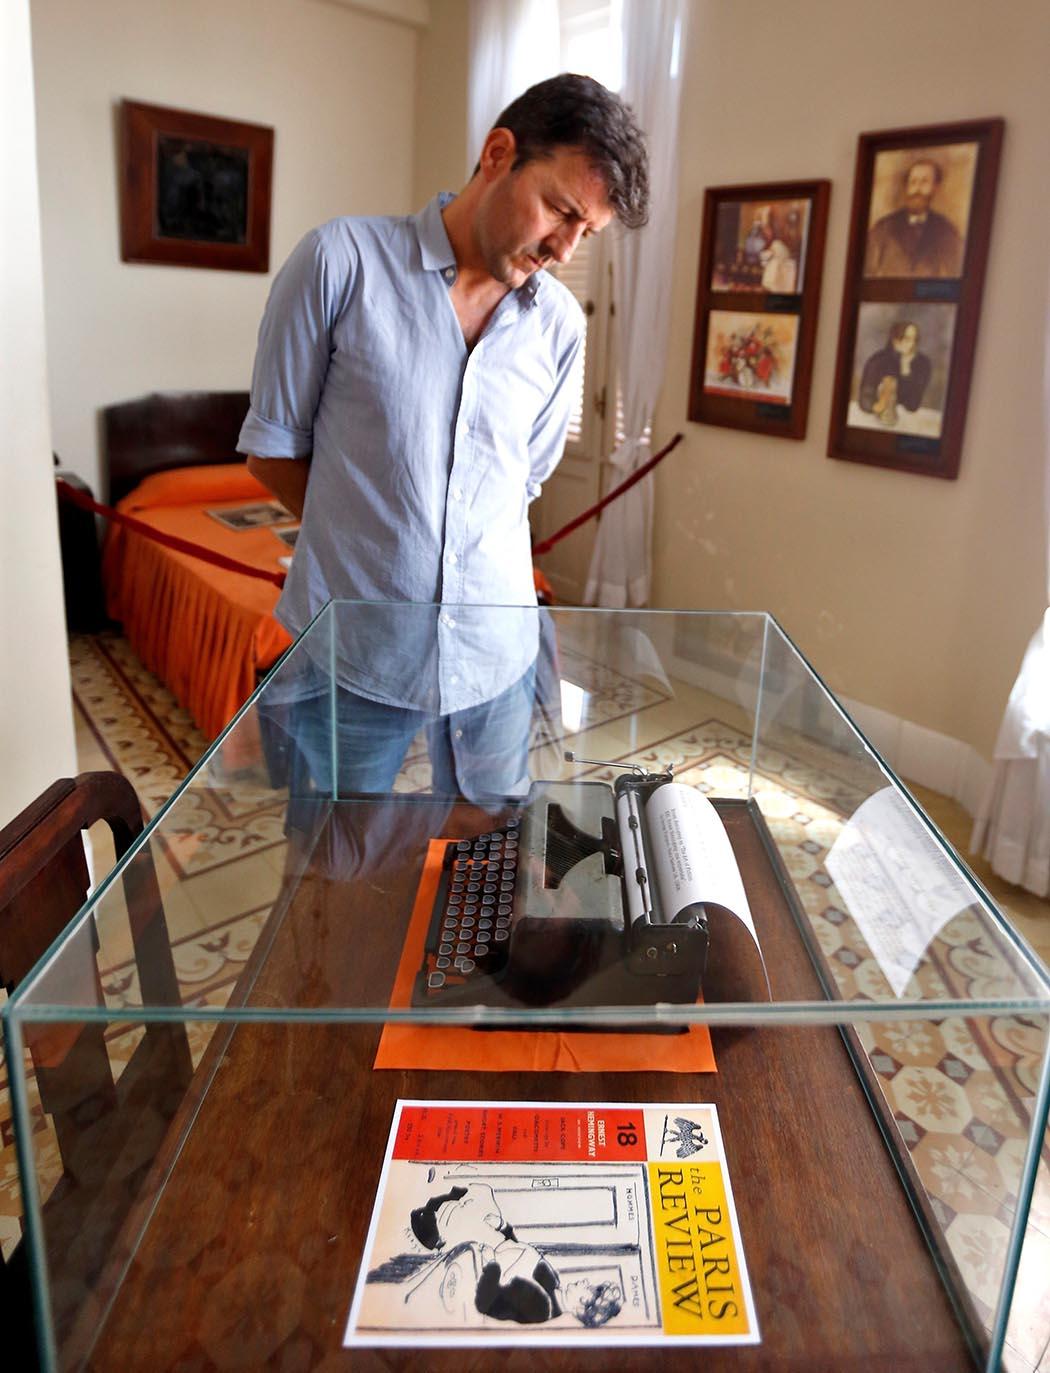 El periodista español Pablo López observa una máquina de escribir en la que fuera la habitación preferida de Ernest Hemingway en el Hotel Ambos Mundos, el 22 de junio de 2019, en La Habana. Foto:  Ernesto Mastrascusa / EFE.